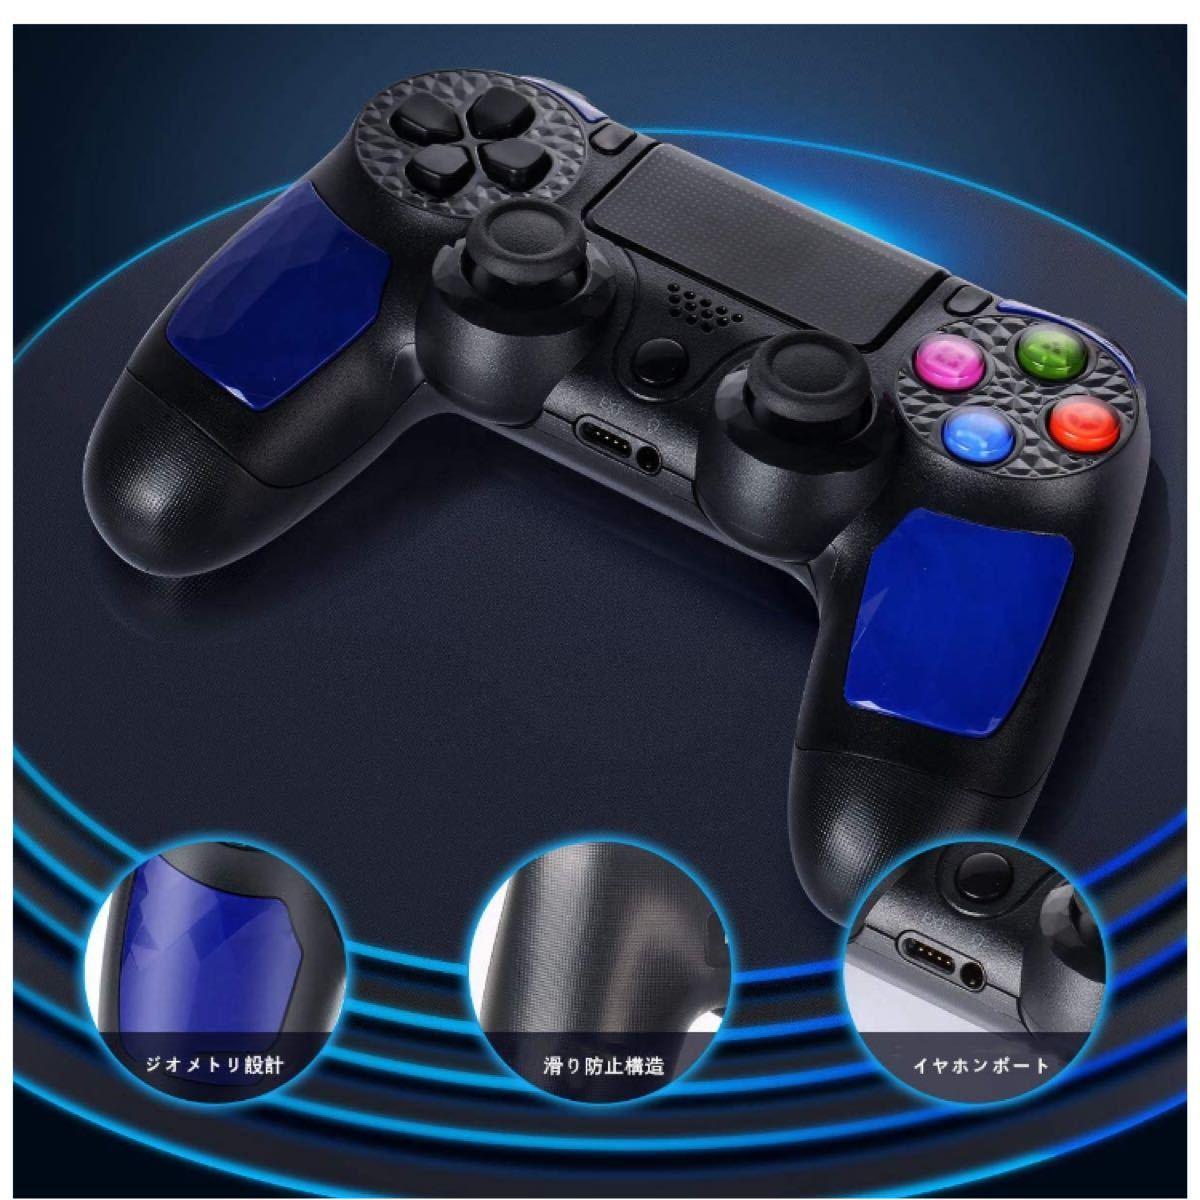 PS4 ワイヤレス コントローラー 無線 PS4 ゲームパッド PS4/PC対応